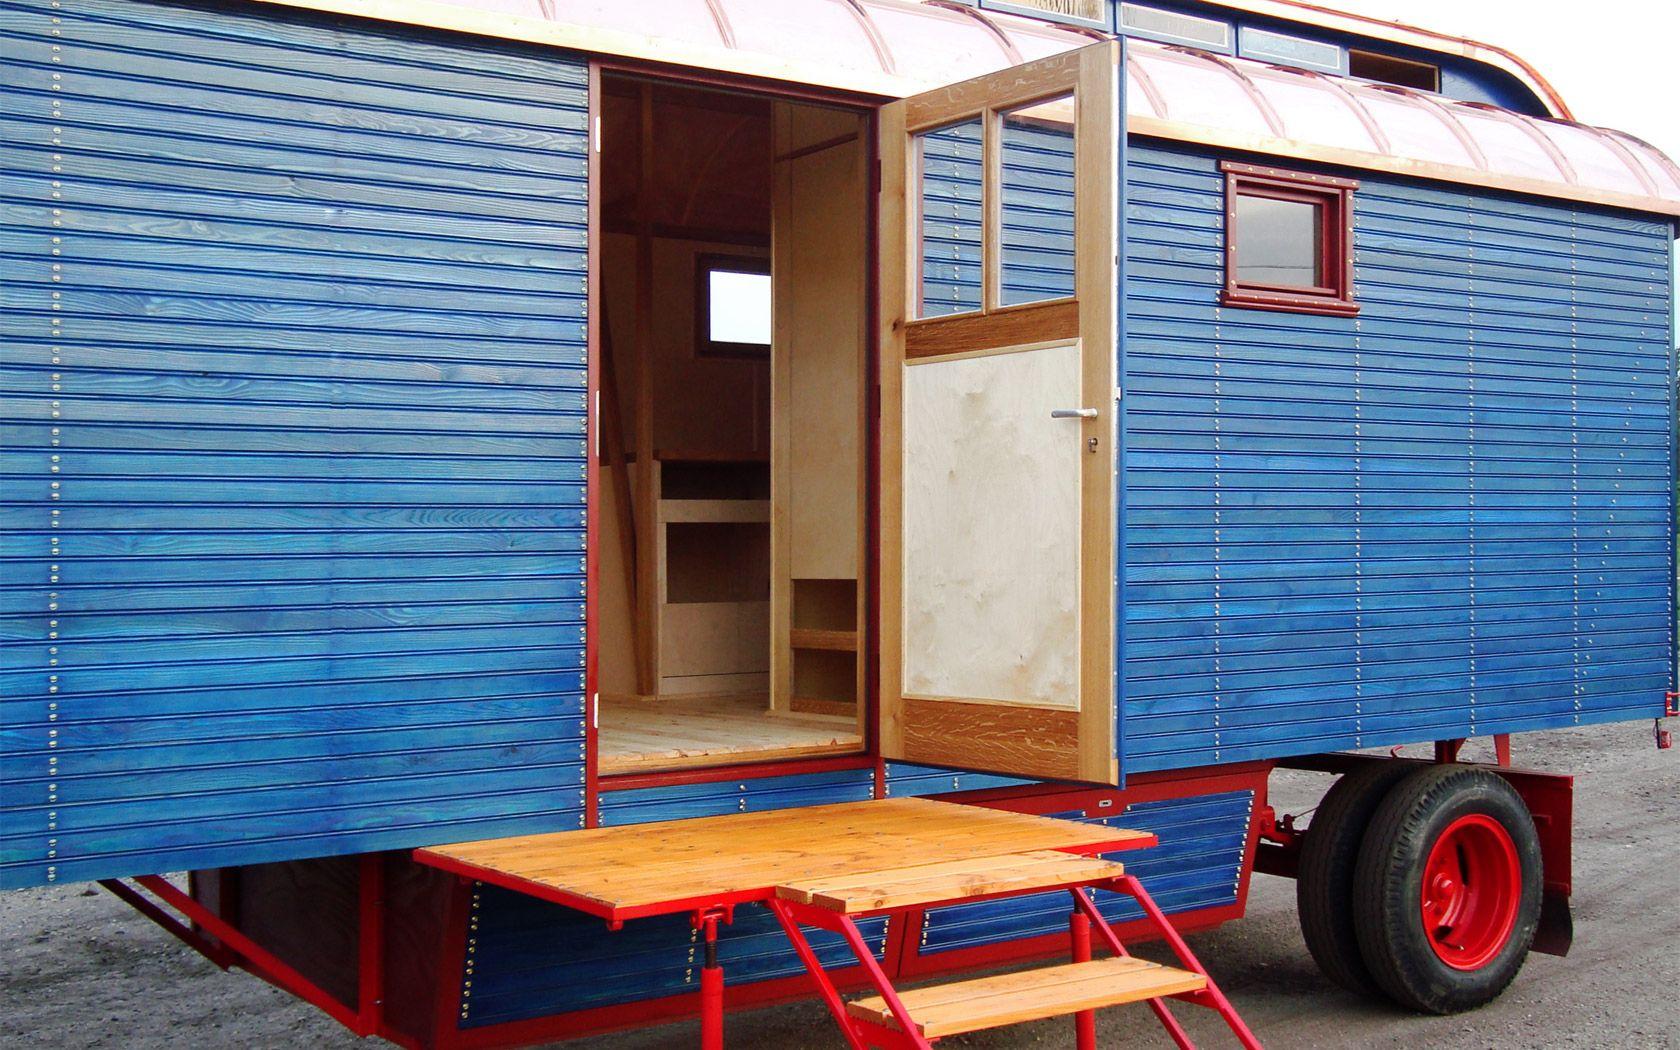 meisterbetrieb f r holz fahrzeugbau zirkuswagen schaustellerwagen waldkindergartenwagen. Black Bedroom Furniture Sets. Home Design Ideas